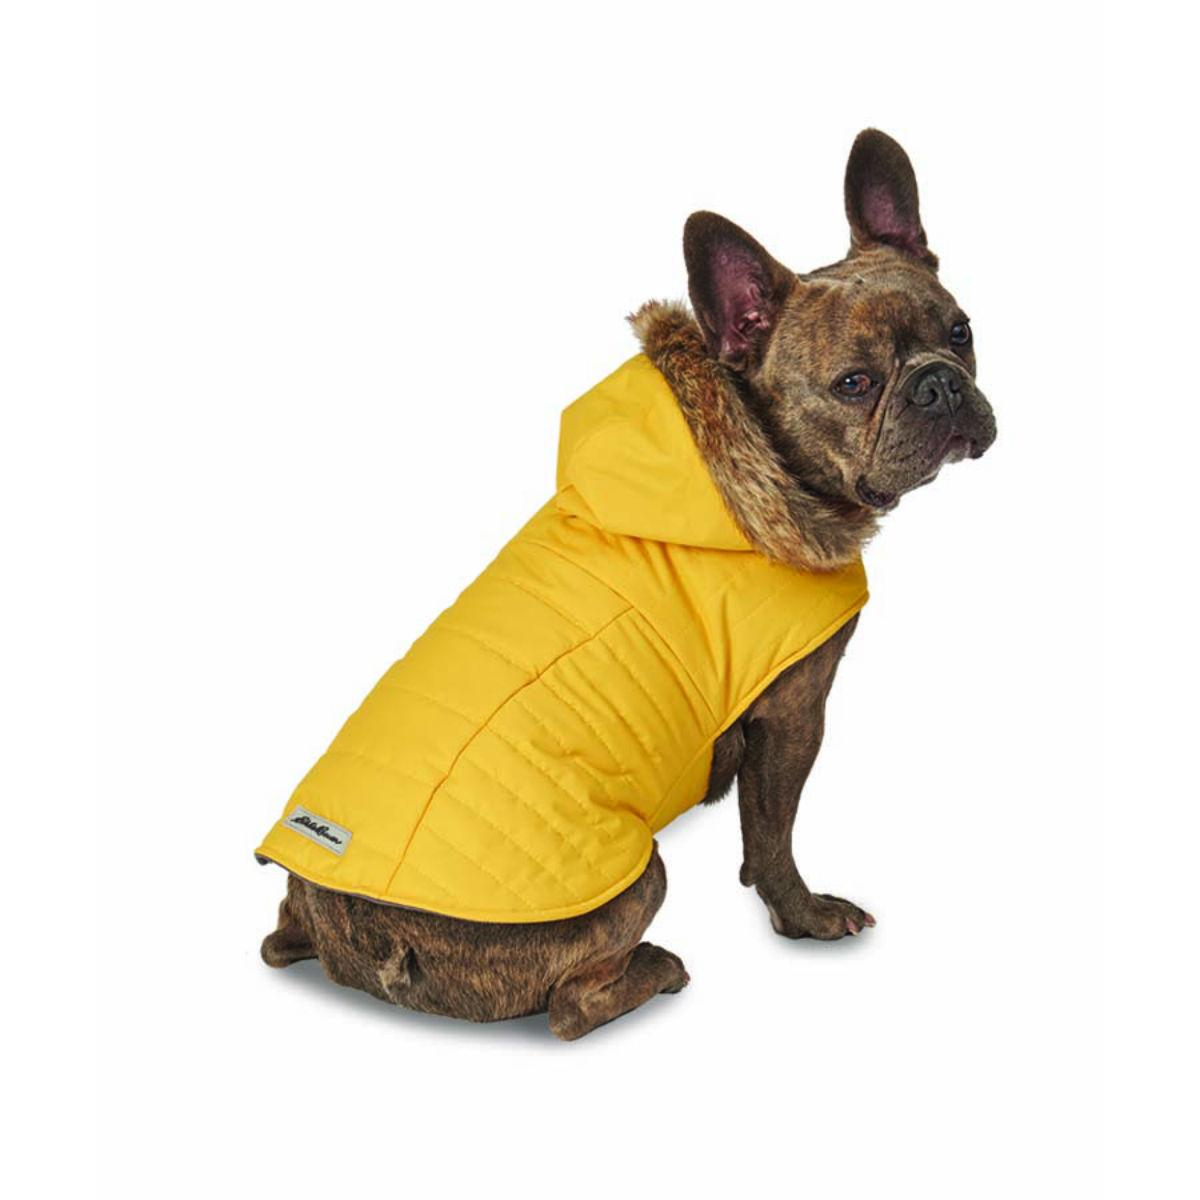 Eddie Bauer Chinook Hooded Dog Parka - Marigold